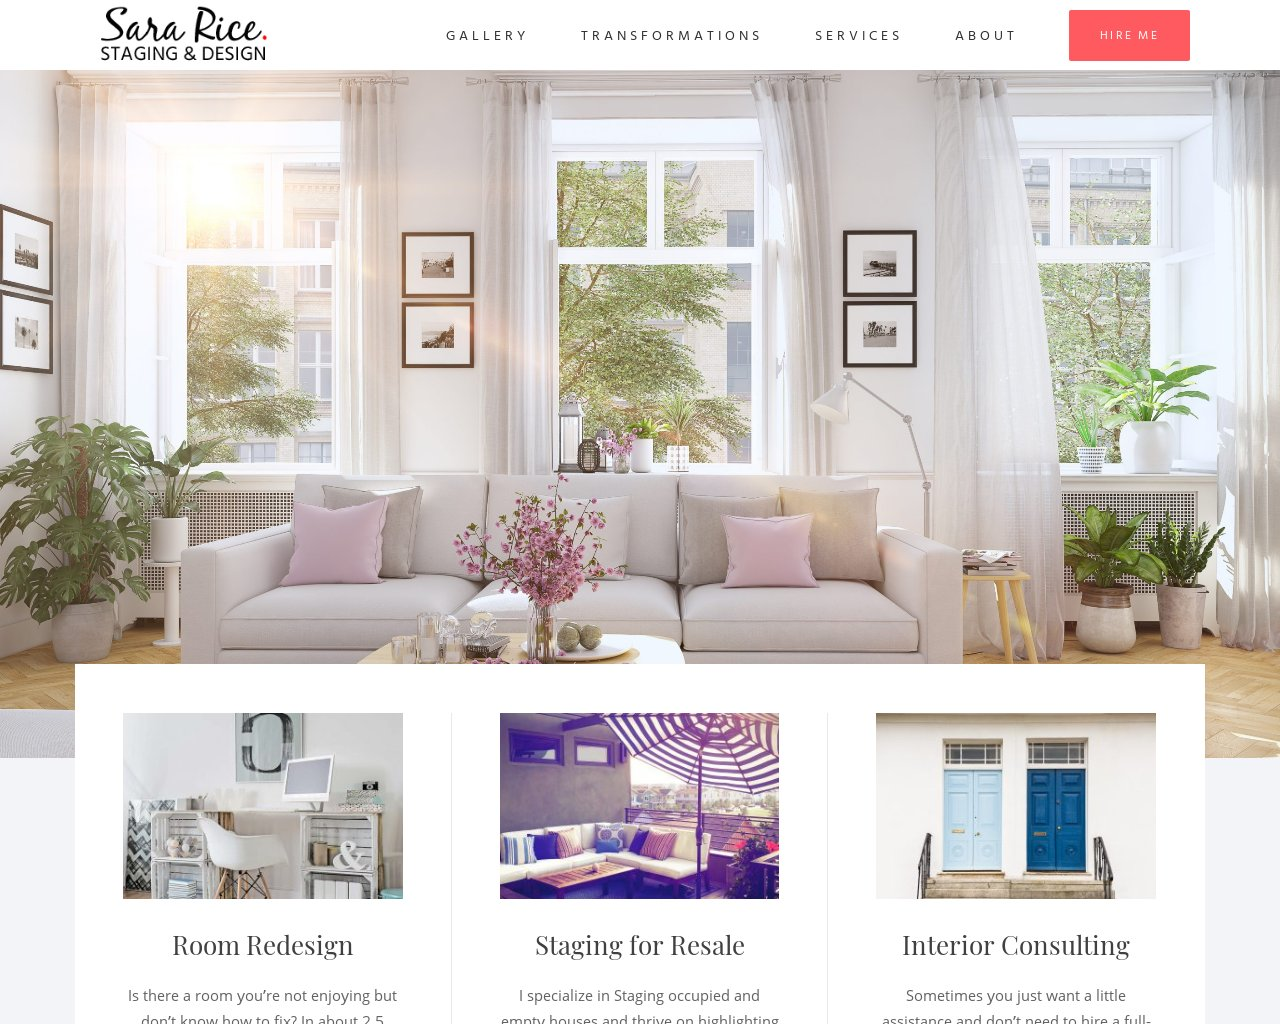 Sara Rice Staging & Design